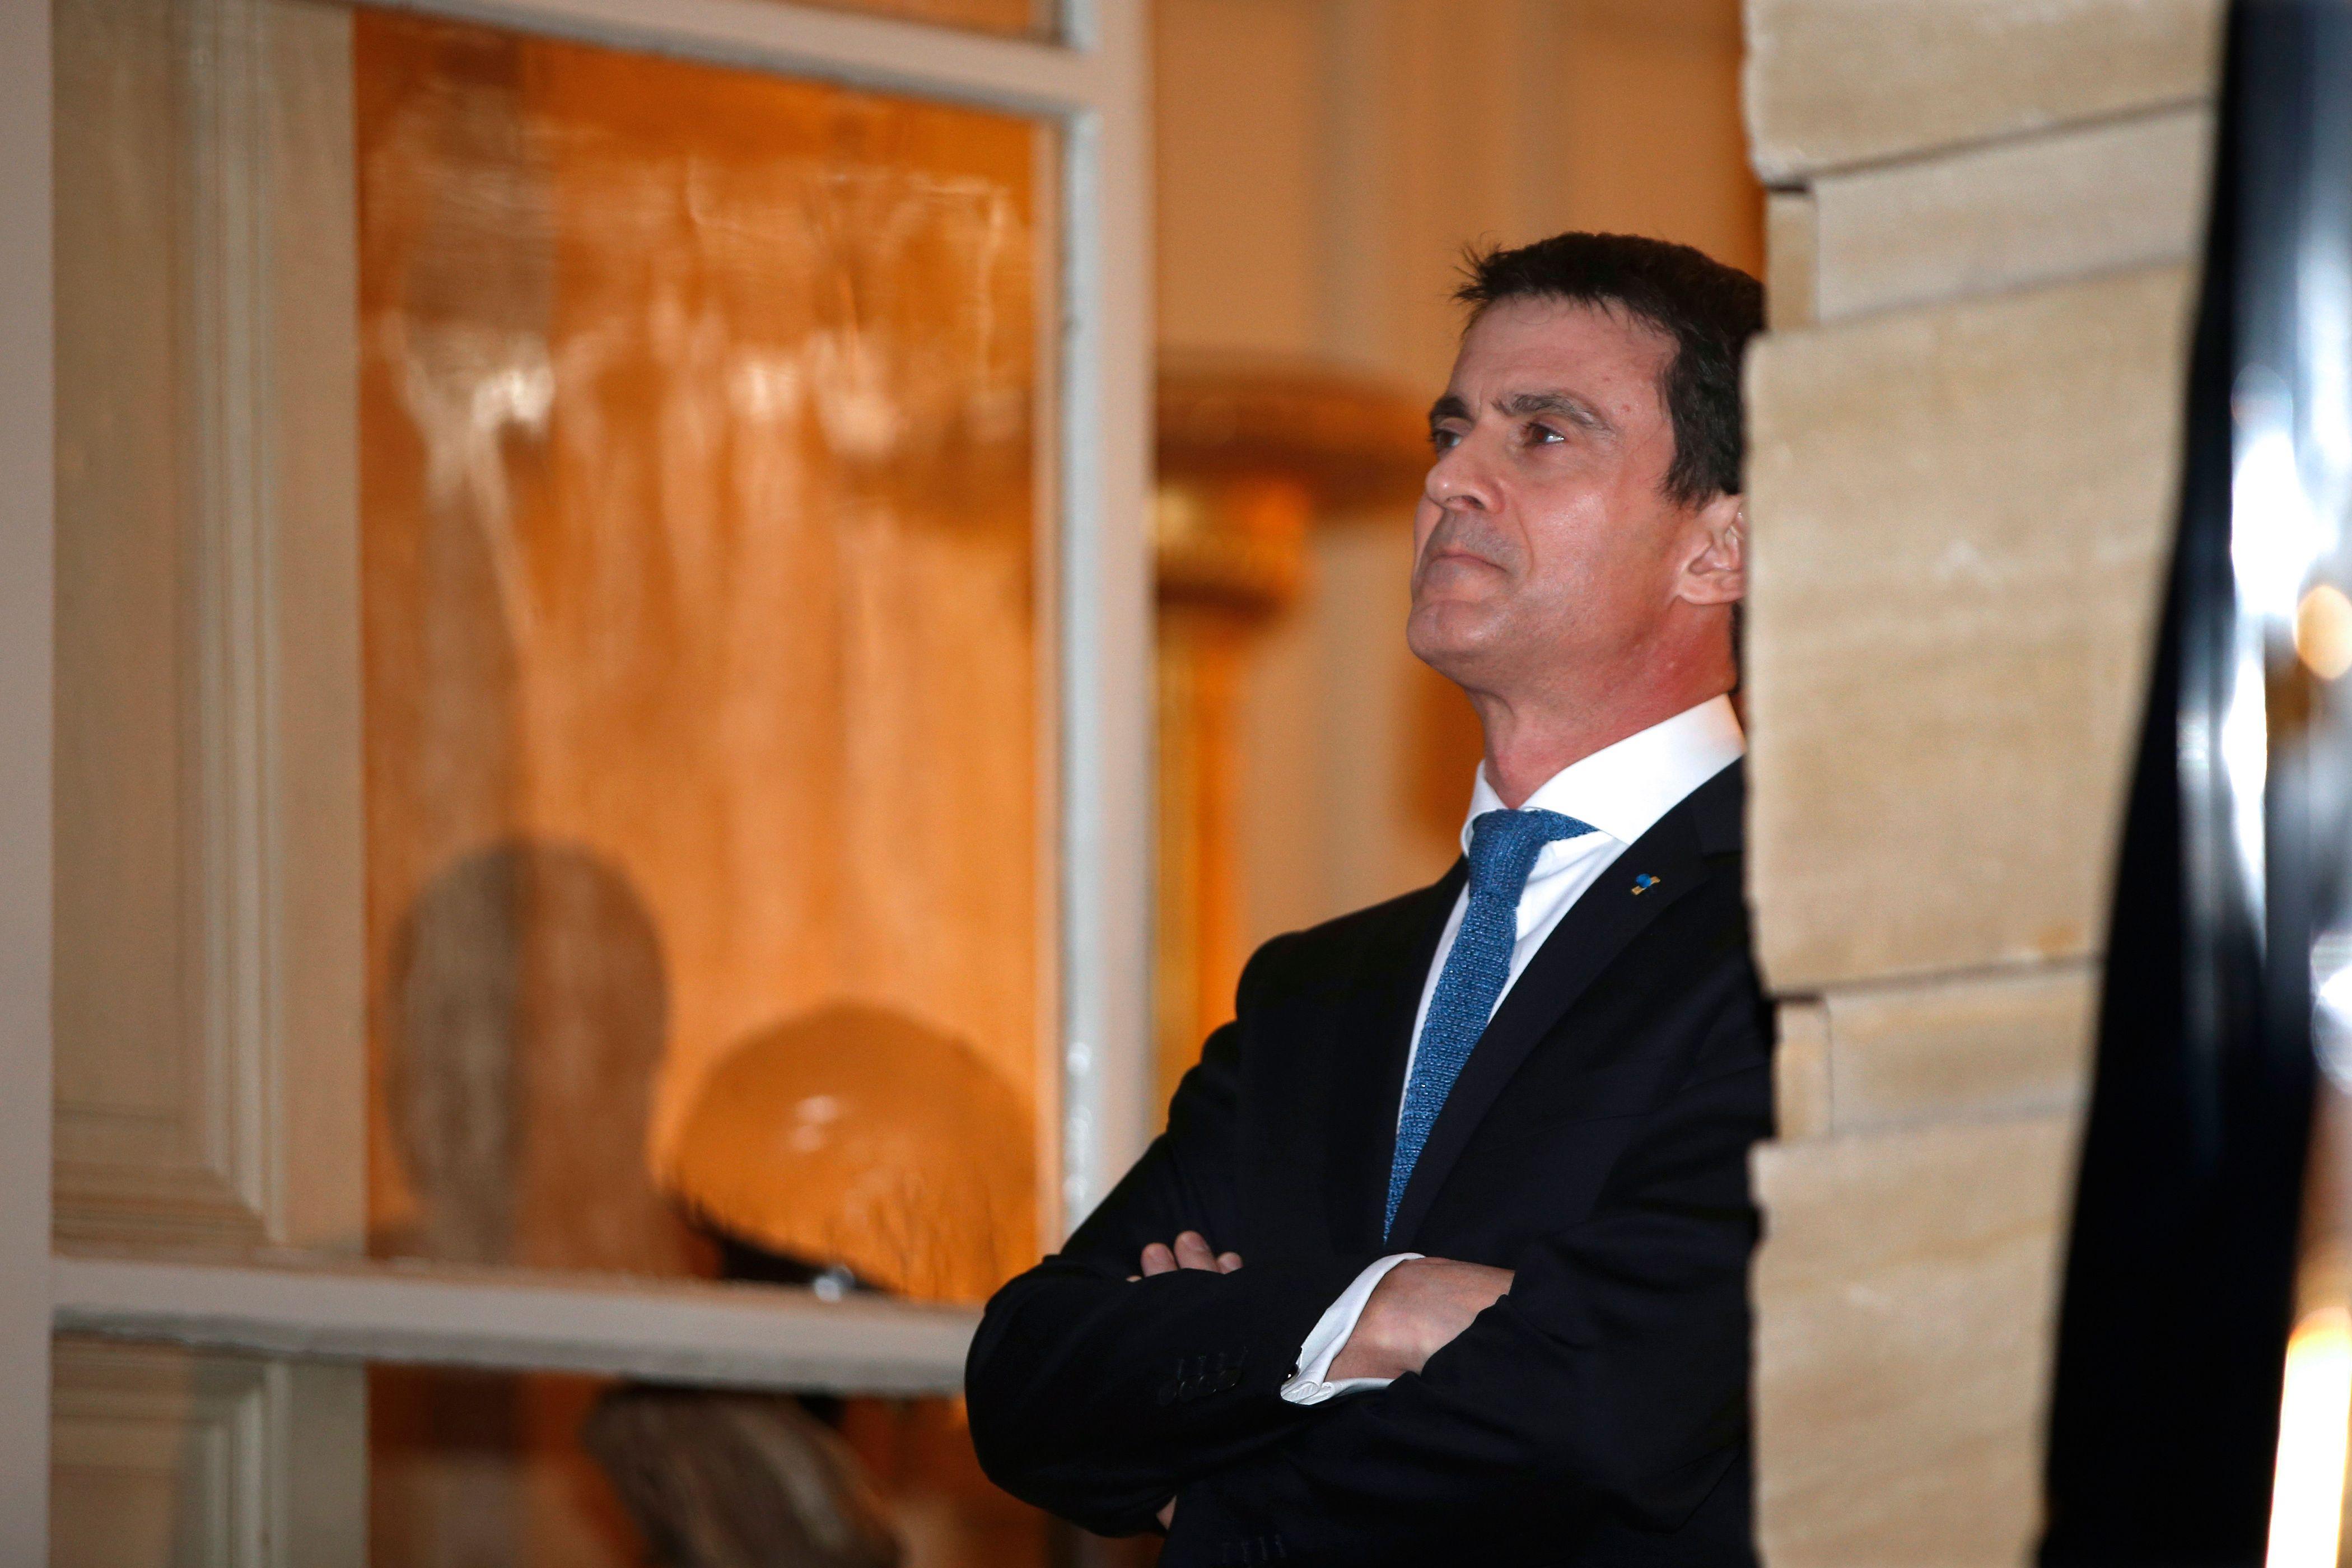 La stratégie Valls pour piéger la droite sur le terrain du libéralisme